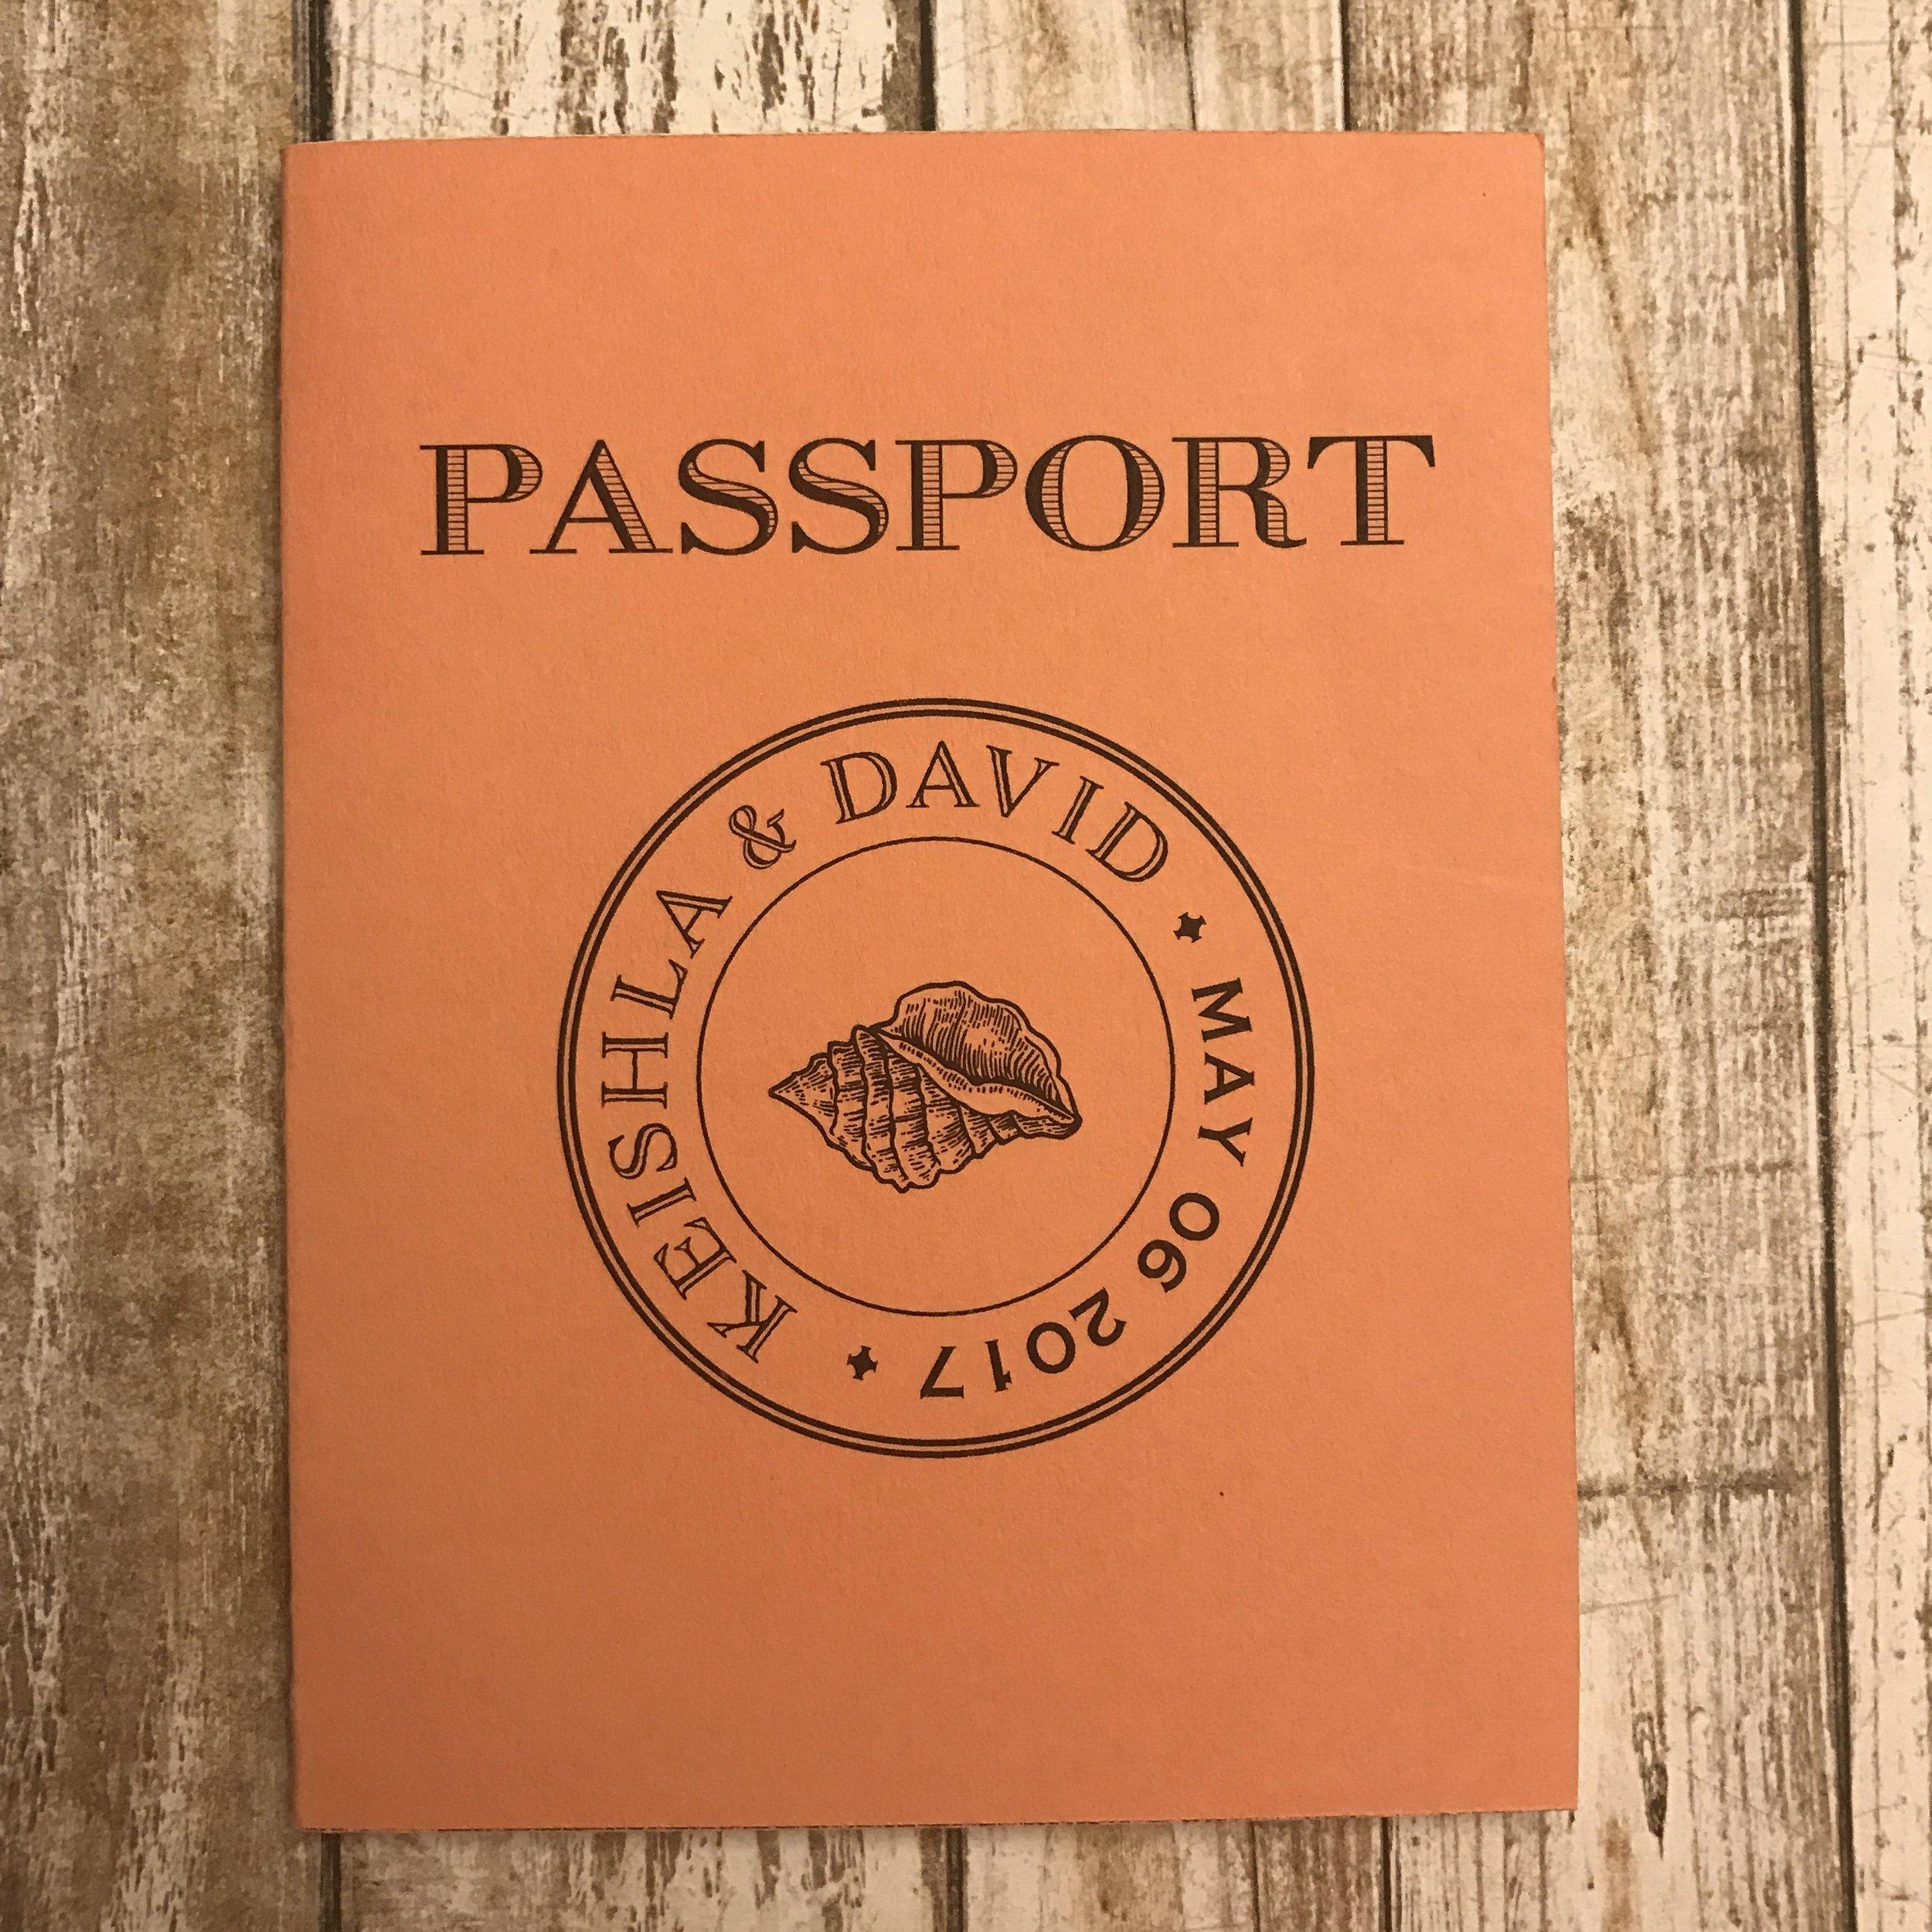 Passport 1.jpg